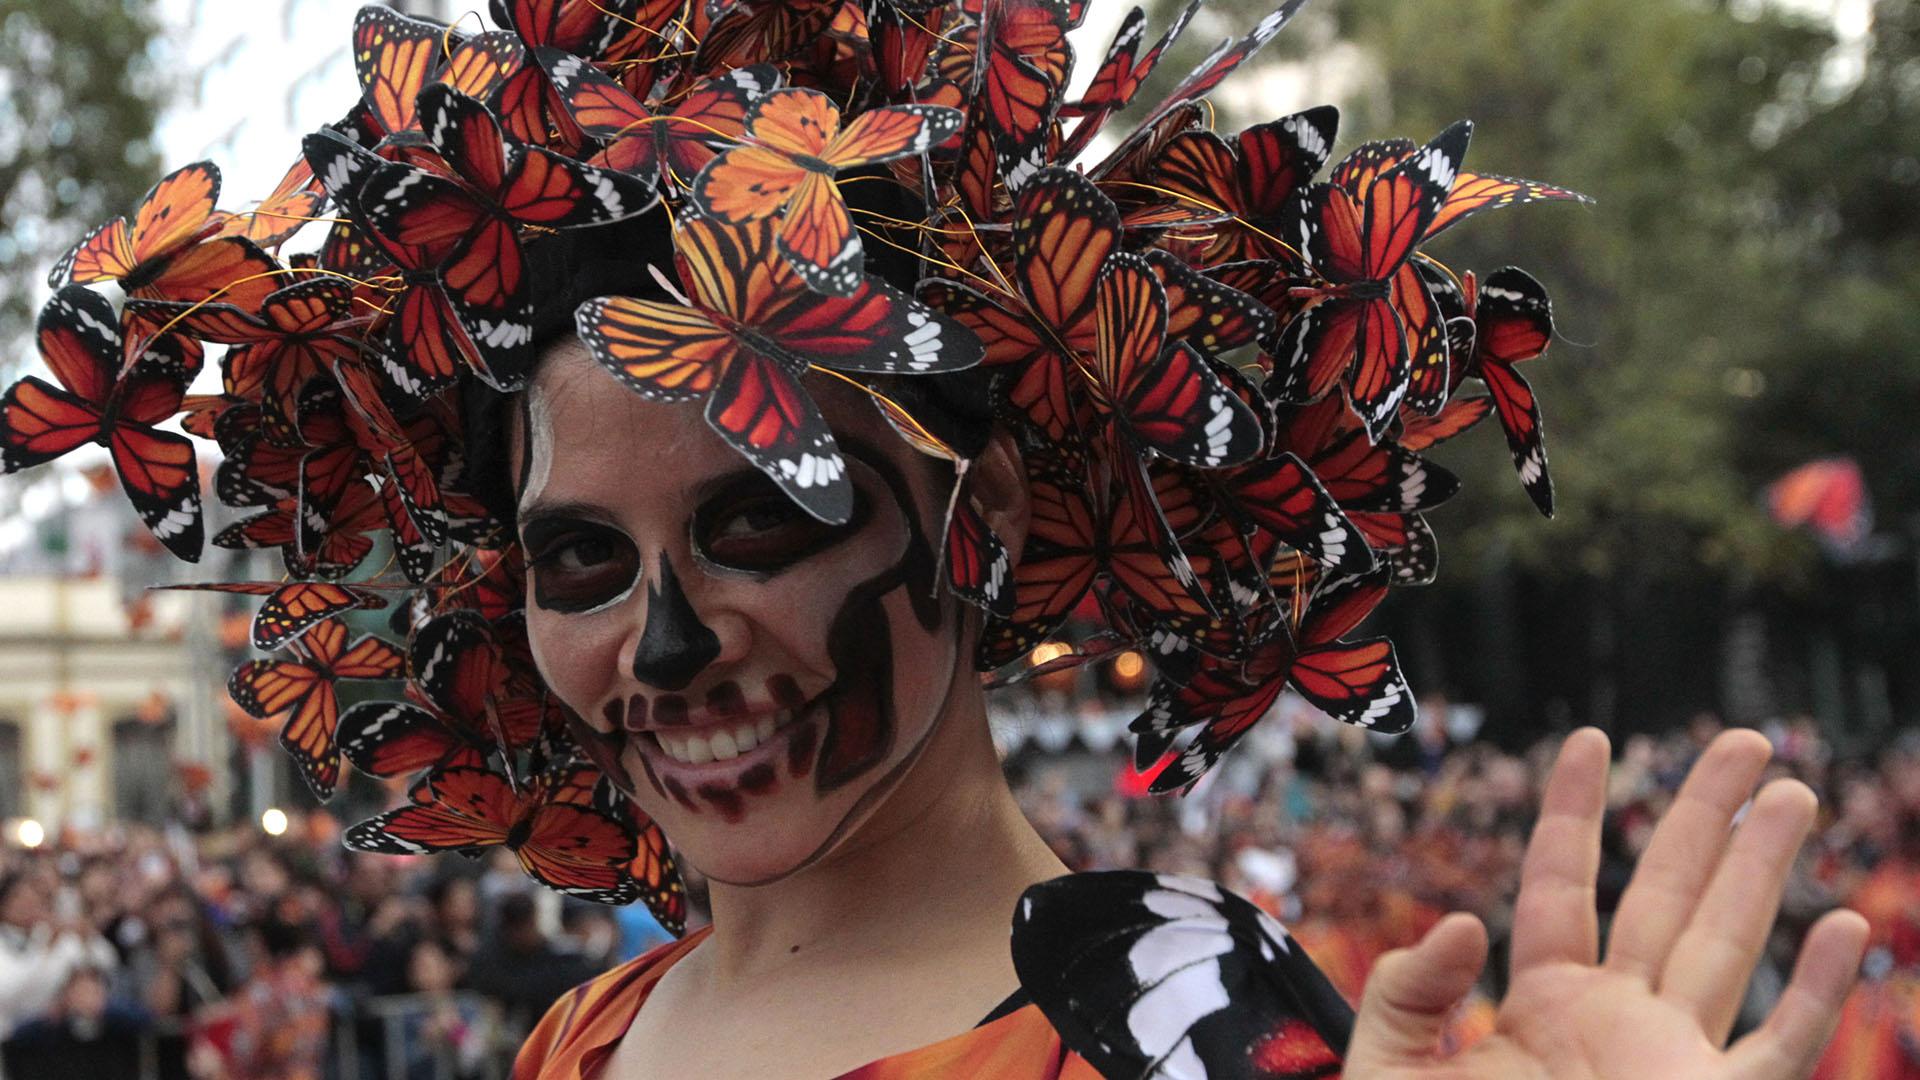 Este gran desfile busca representar no solo tradiciones ancestrales, sino también la capital y sus diferentes culturas